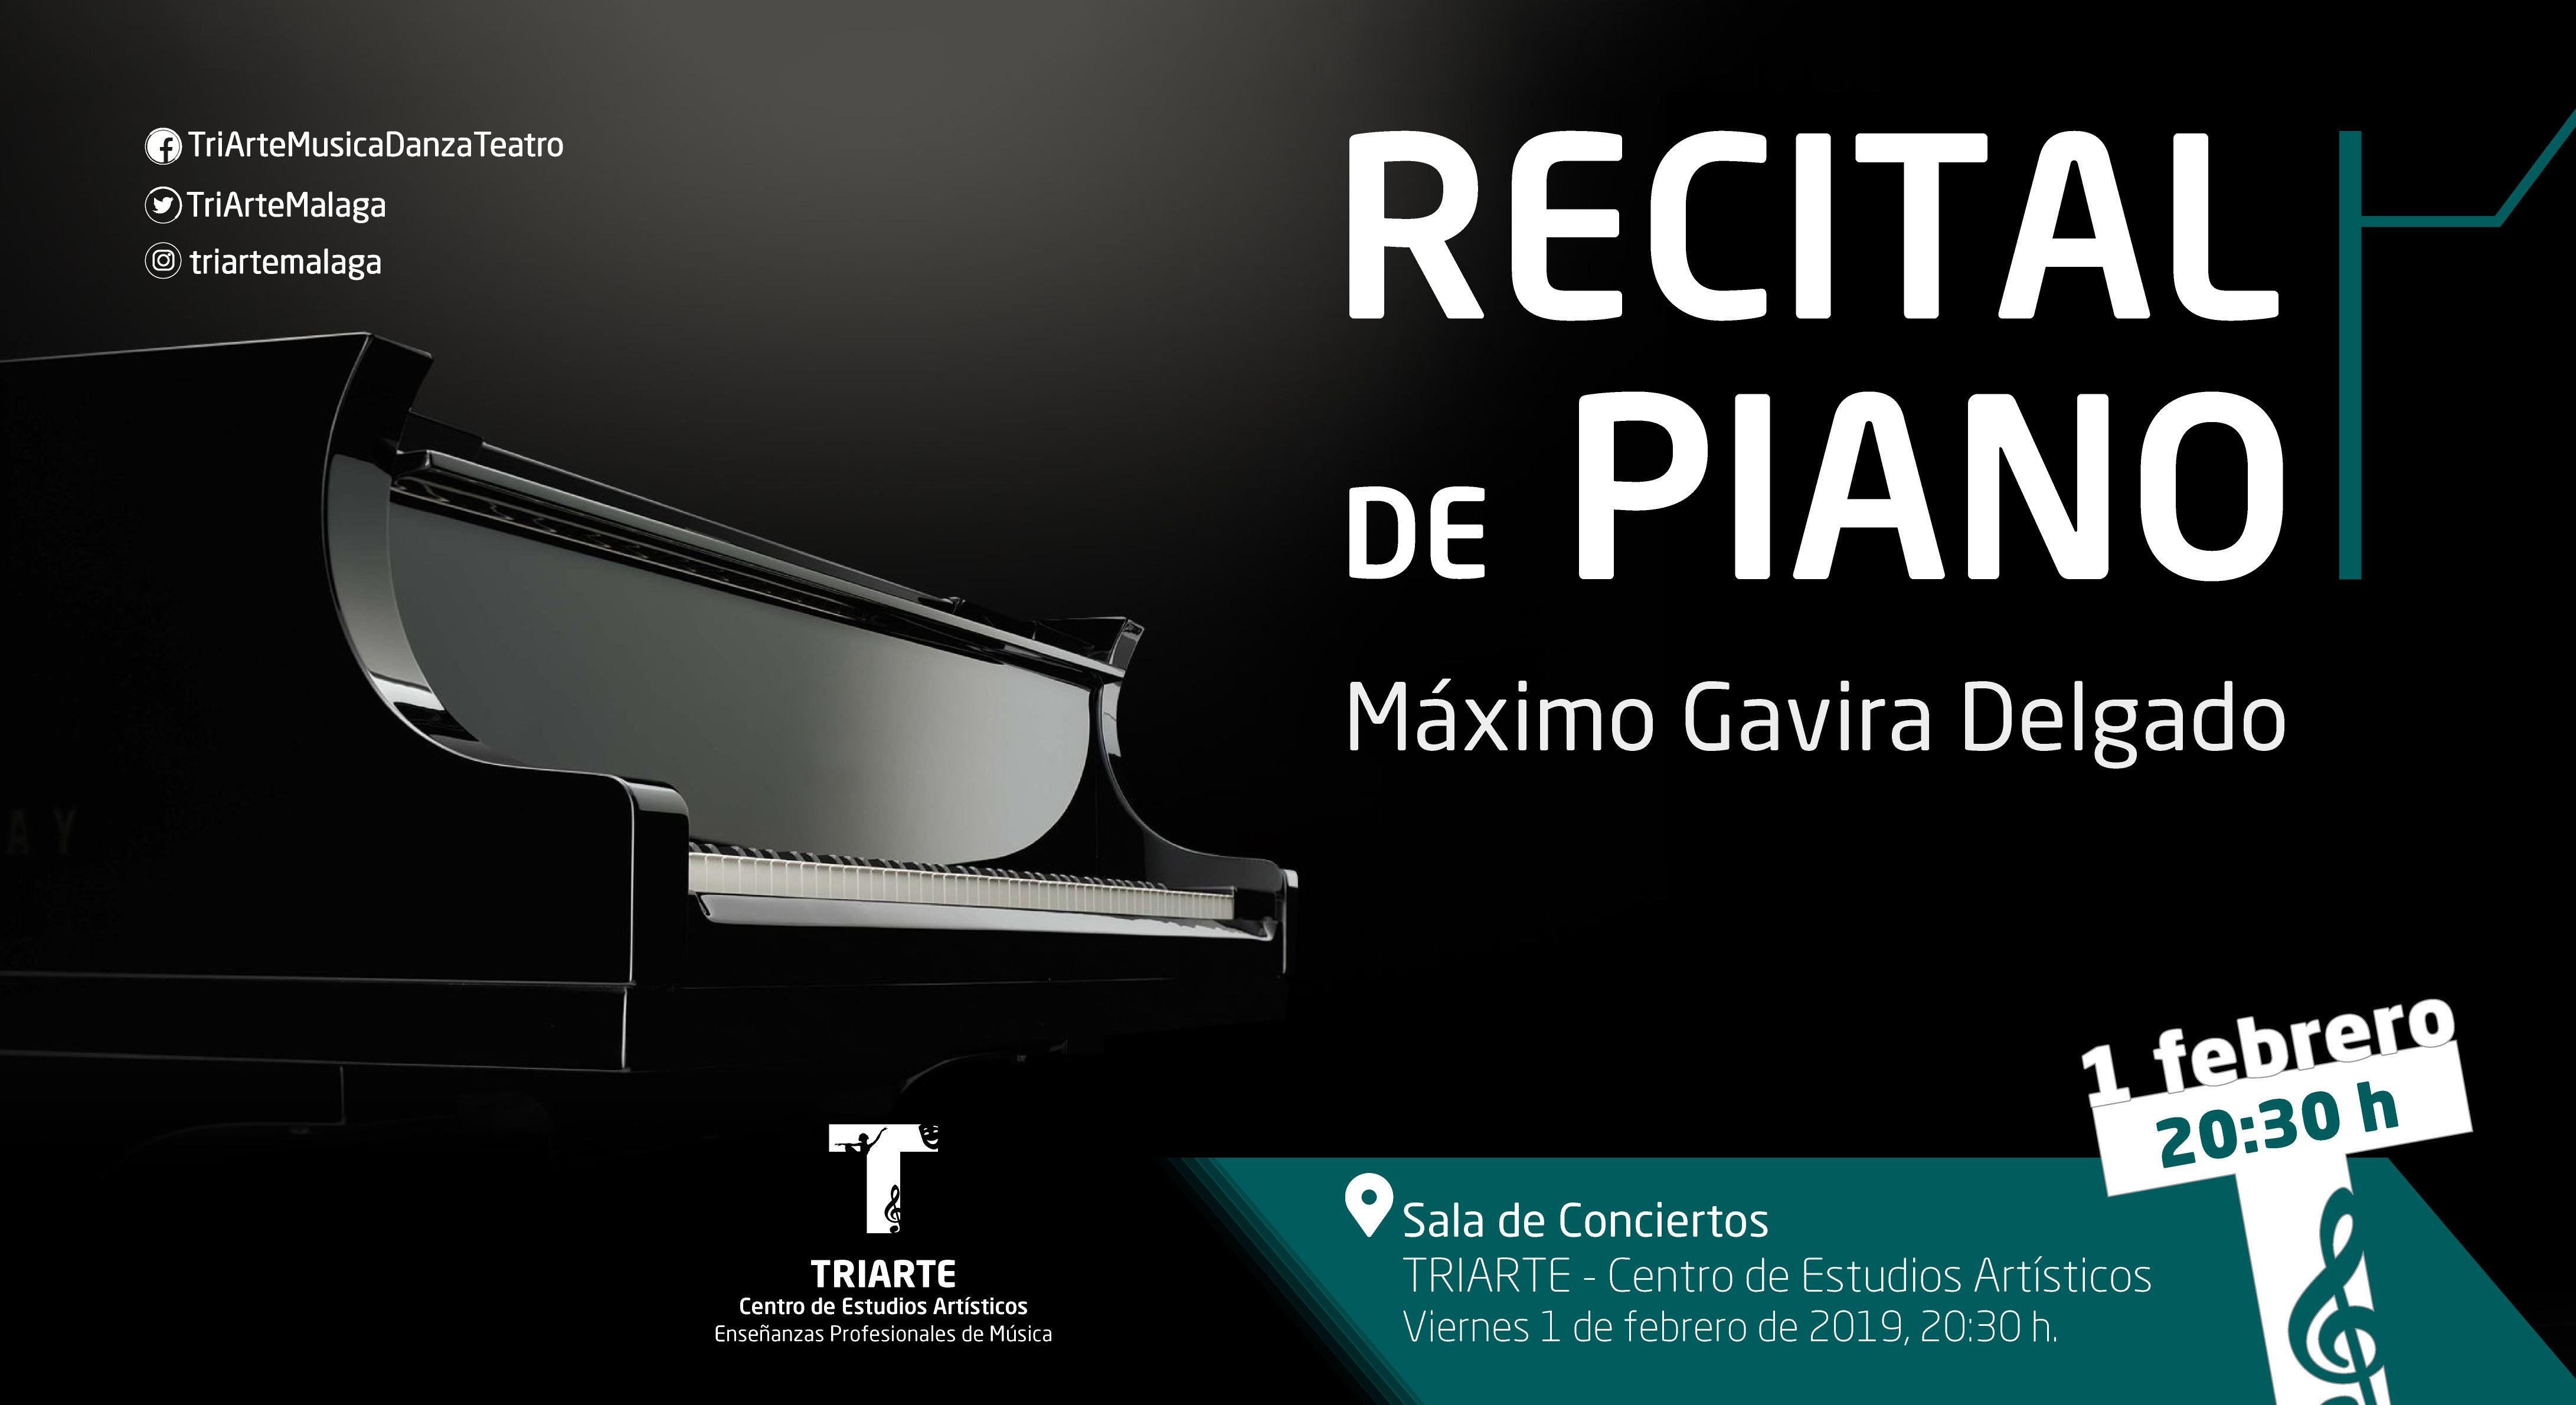 Recital de Piano ofrecido por Máximo Gavira Delgado en Triarte, Málaga, el 2 de febrero de 2019.